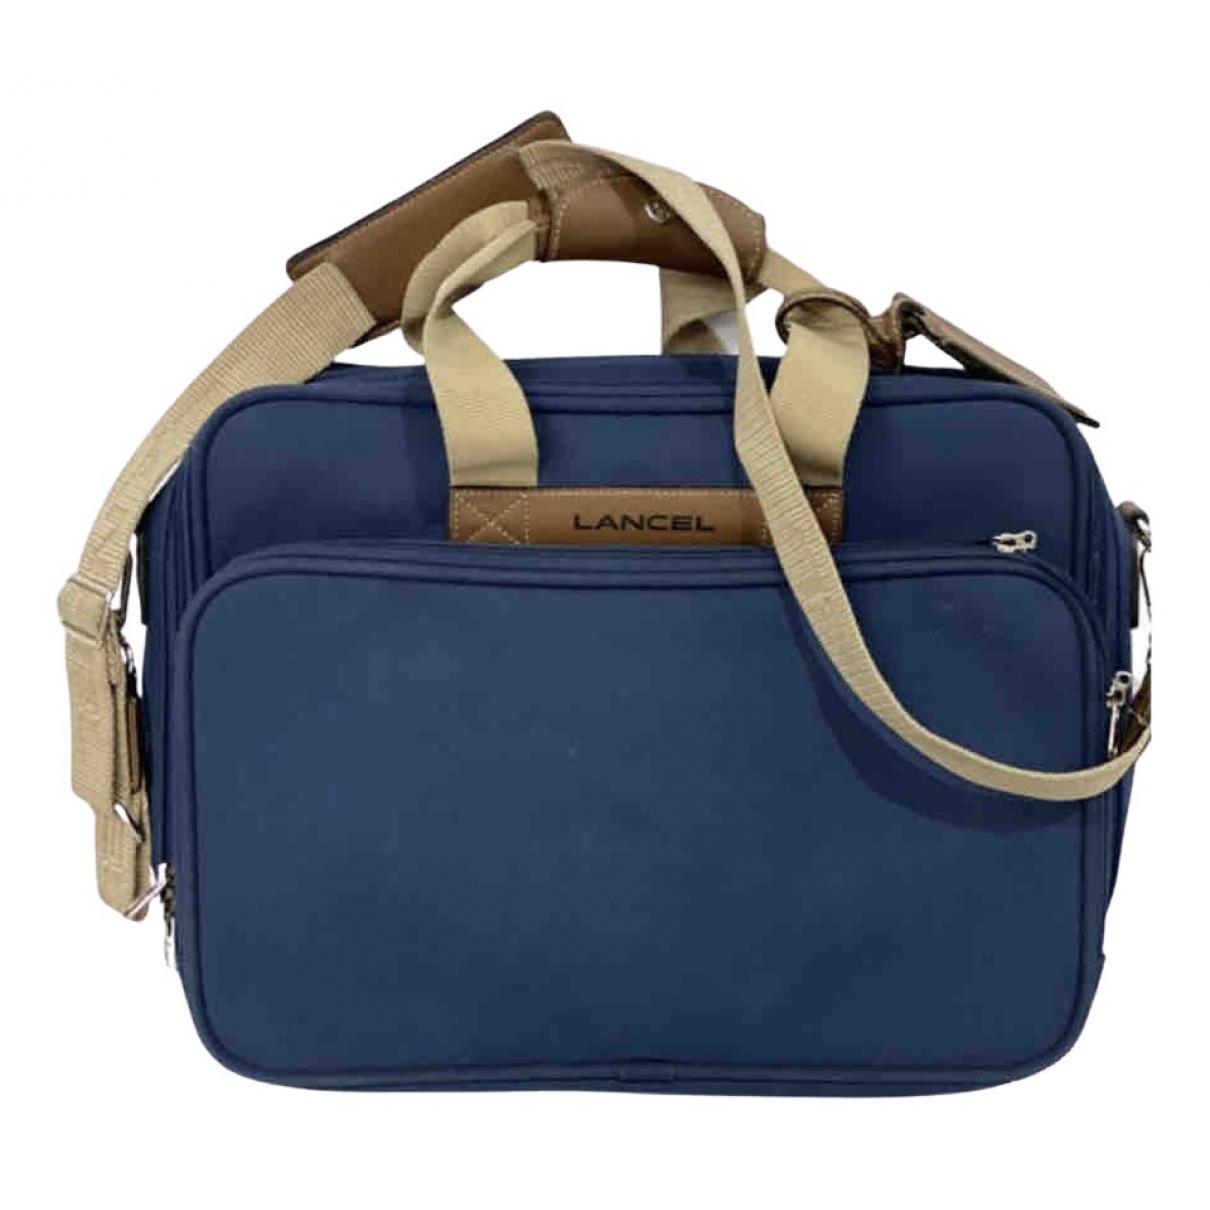 Lancel \N Blue Cloth bag for Men \N